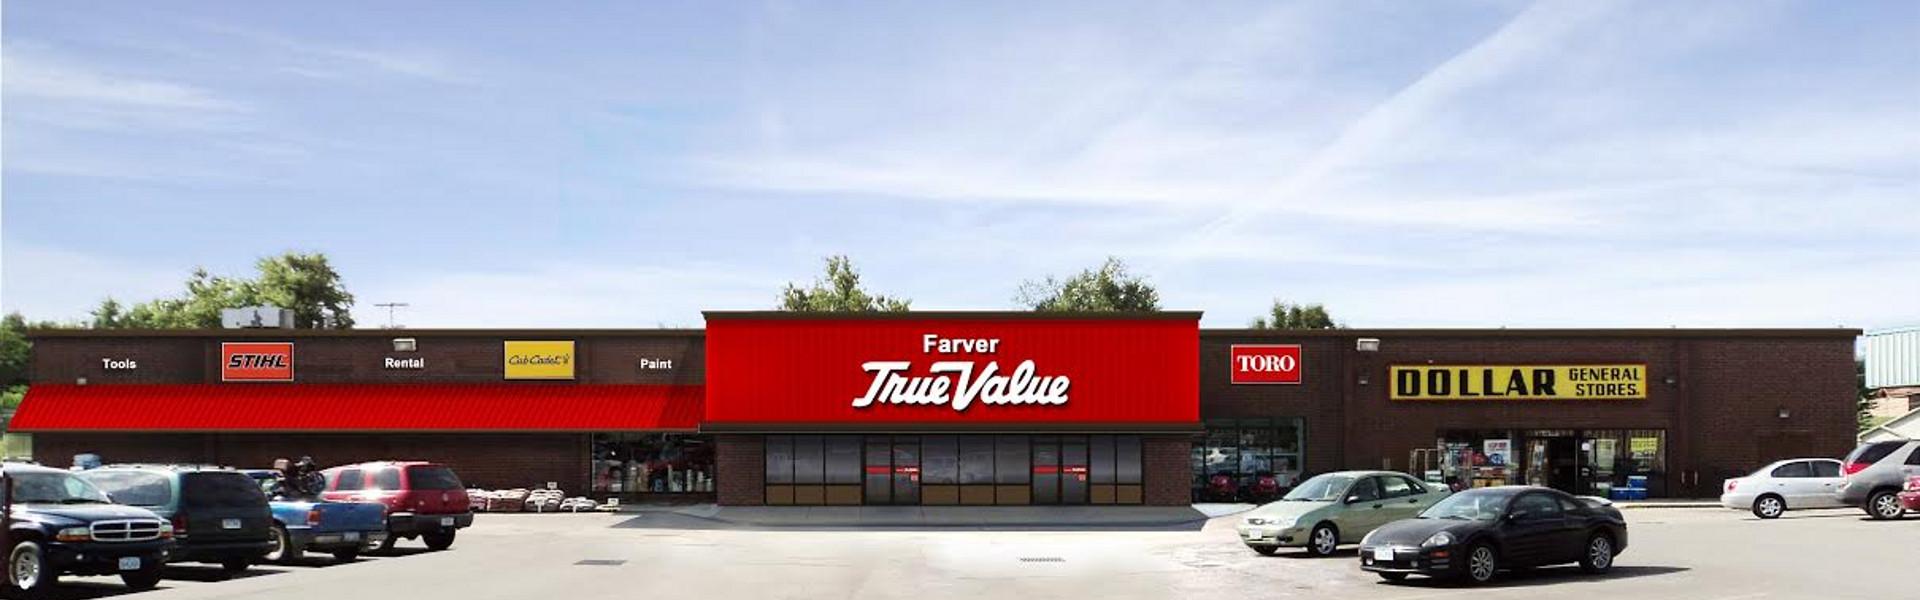 Farver True Value